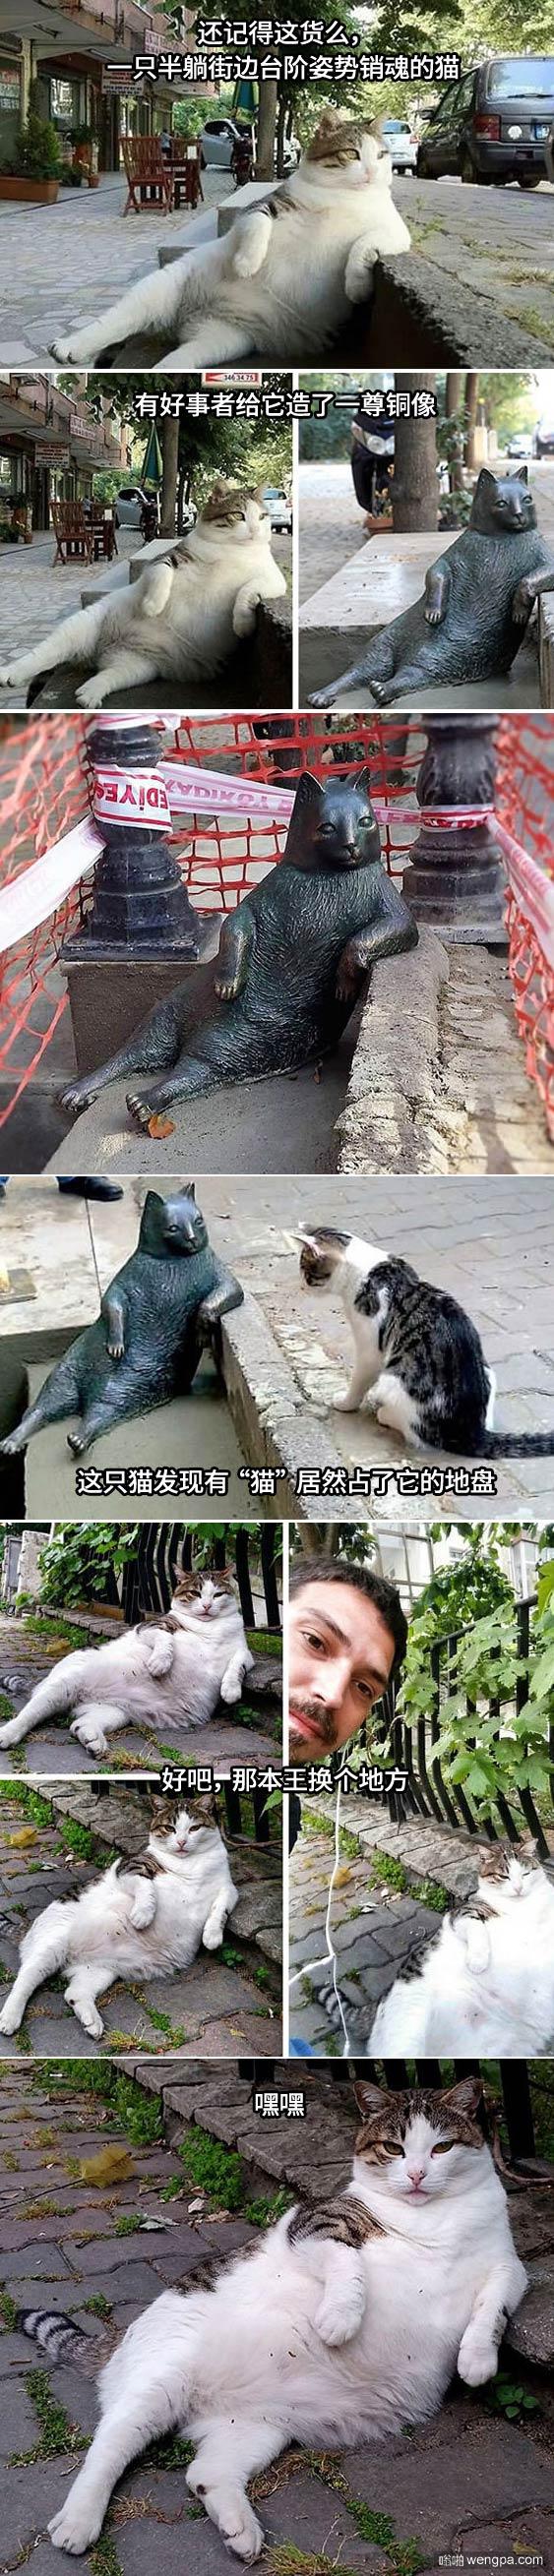 街边姿势销魂的猫猫有人给它铸了一尊铜像